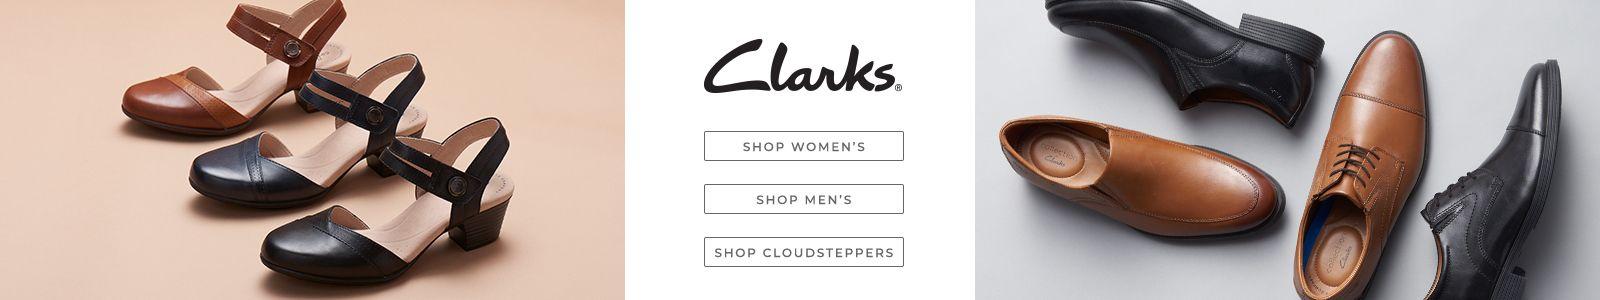 Clarks, Shop Women's, Shop Men's, Shop Cloudsteppers